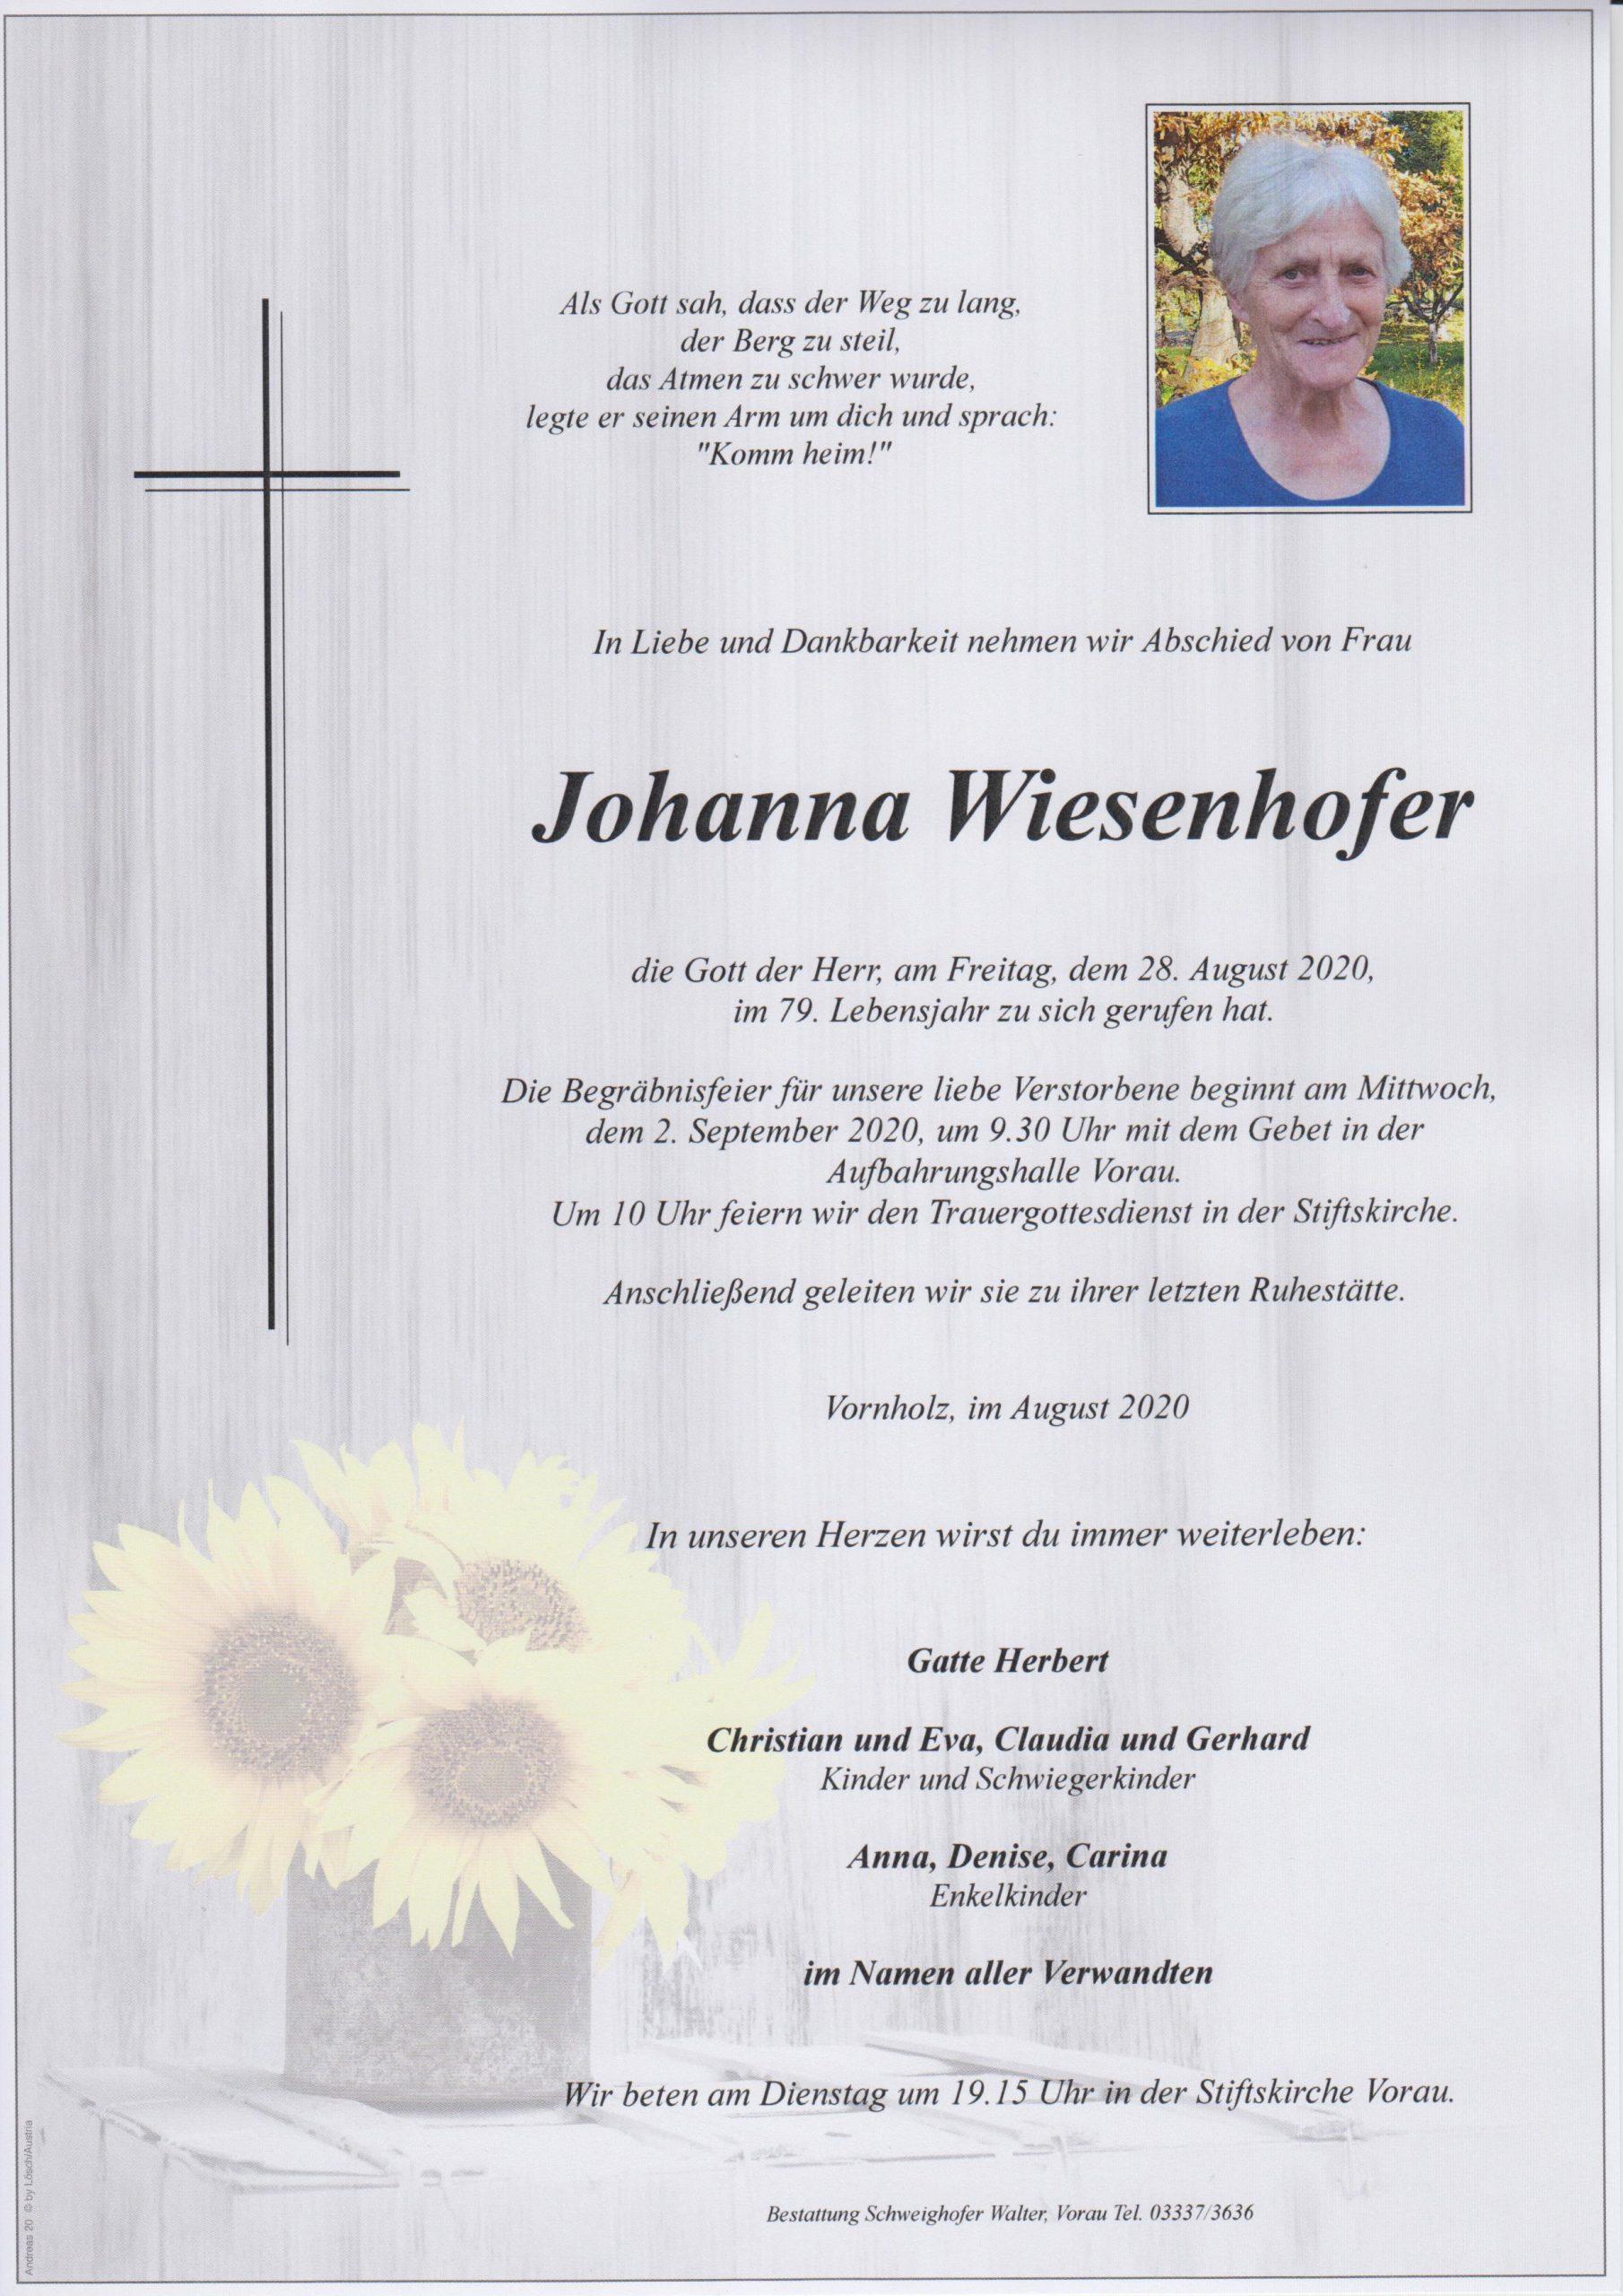 Johanna Wiesenhofer